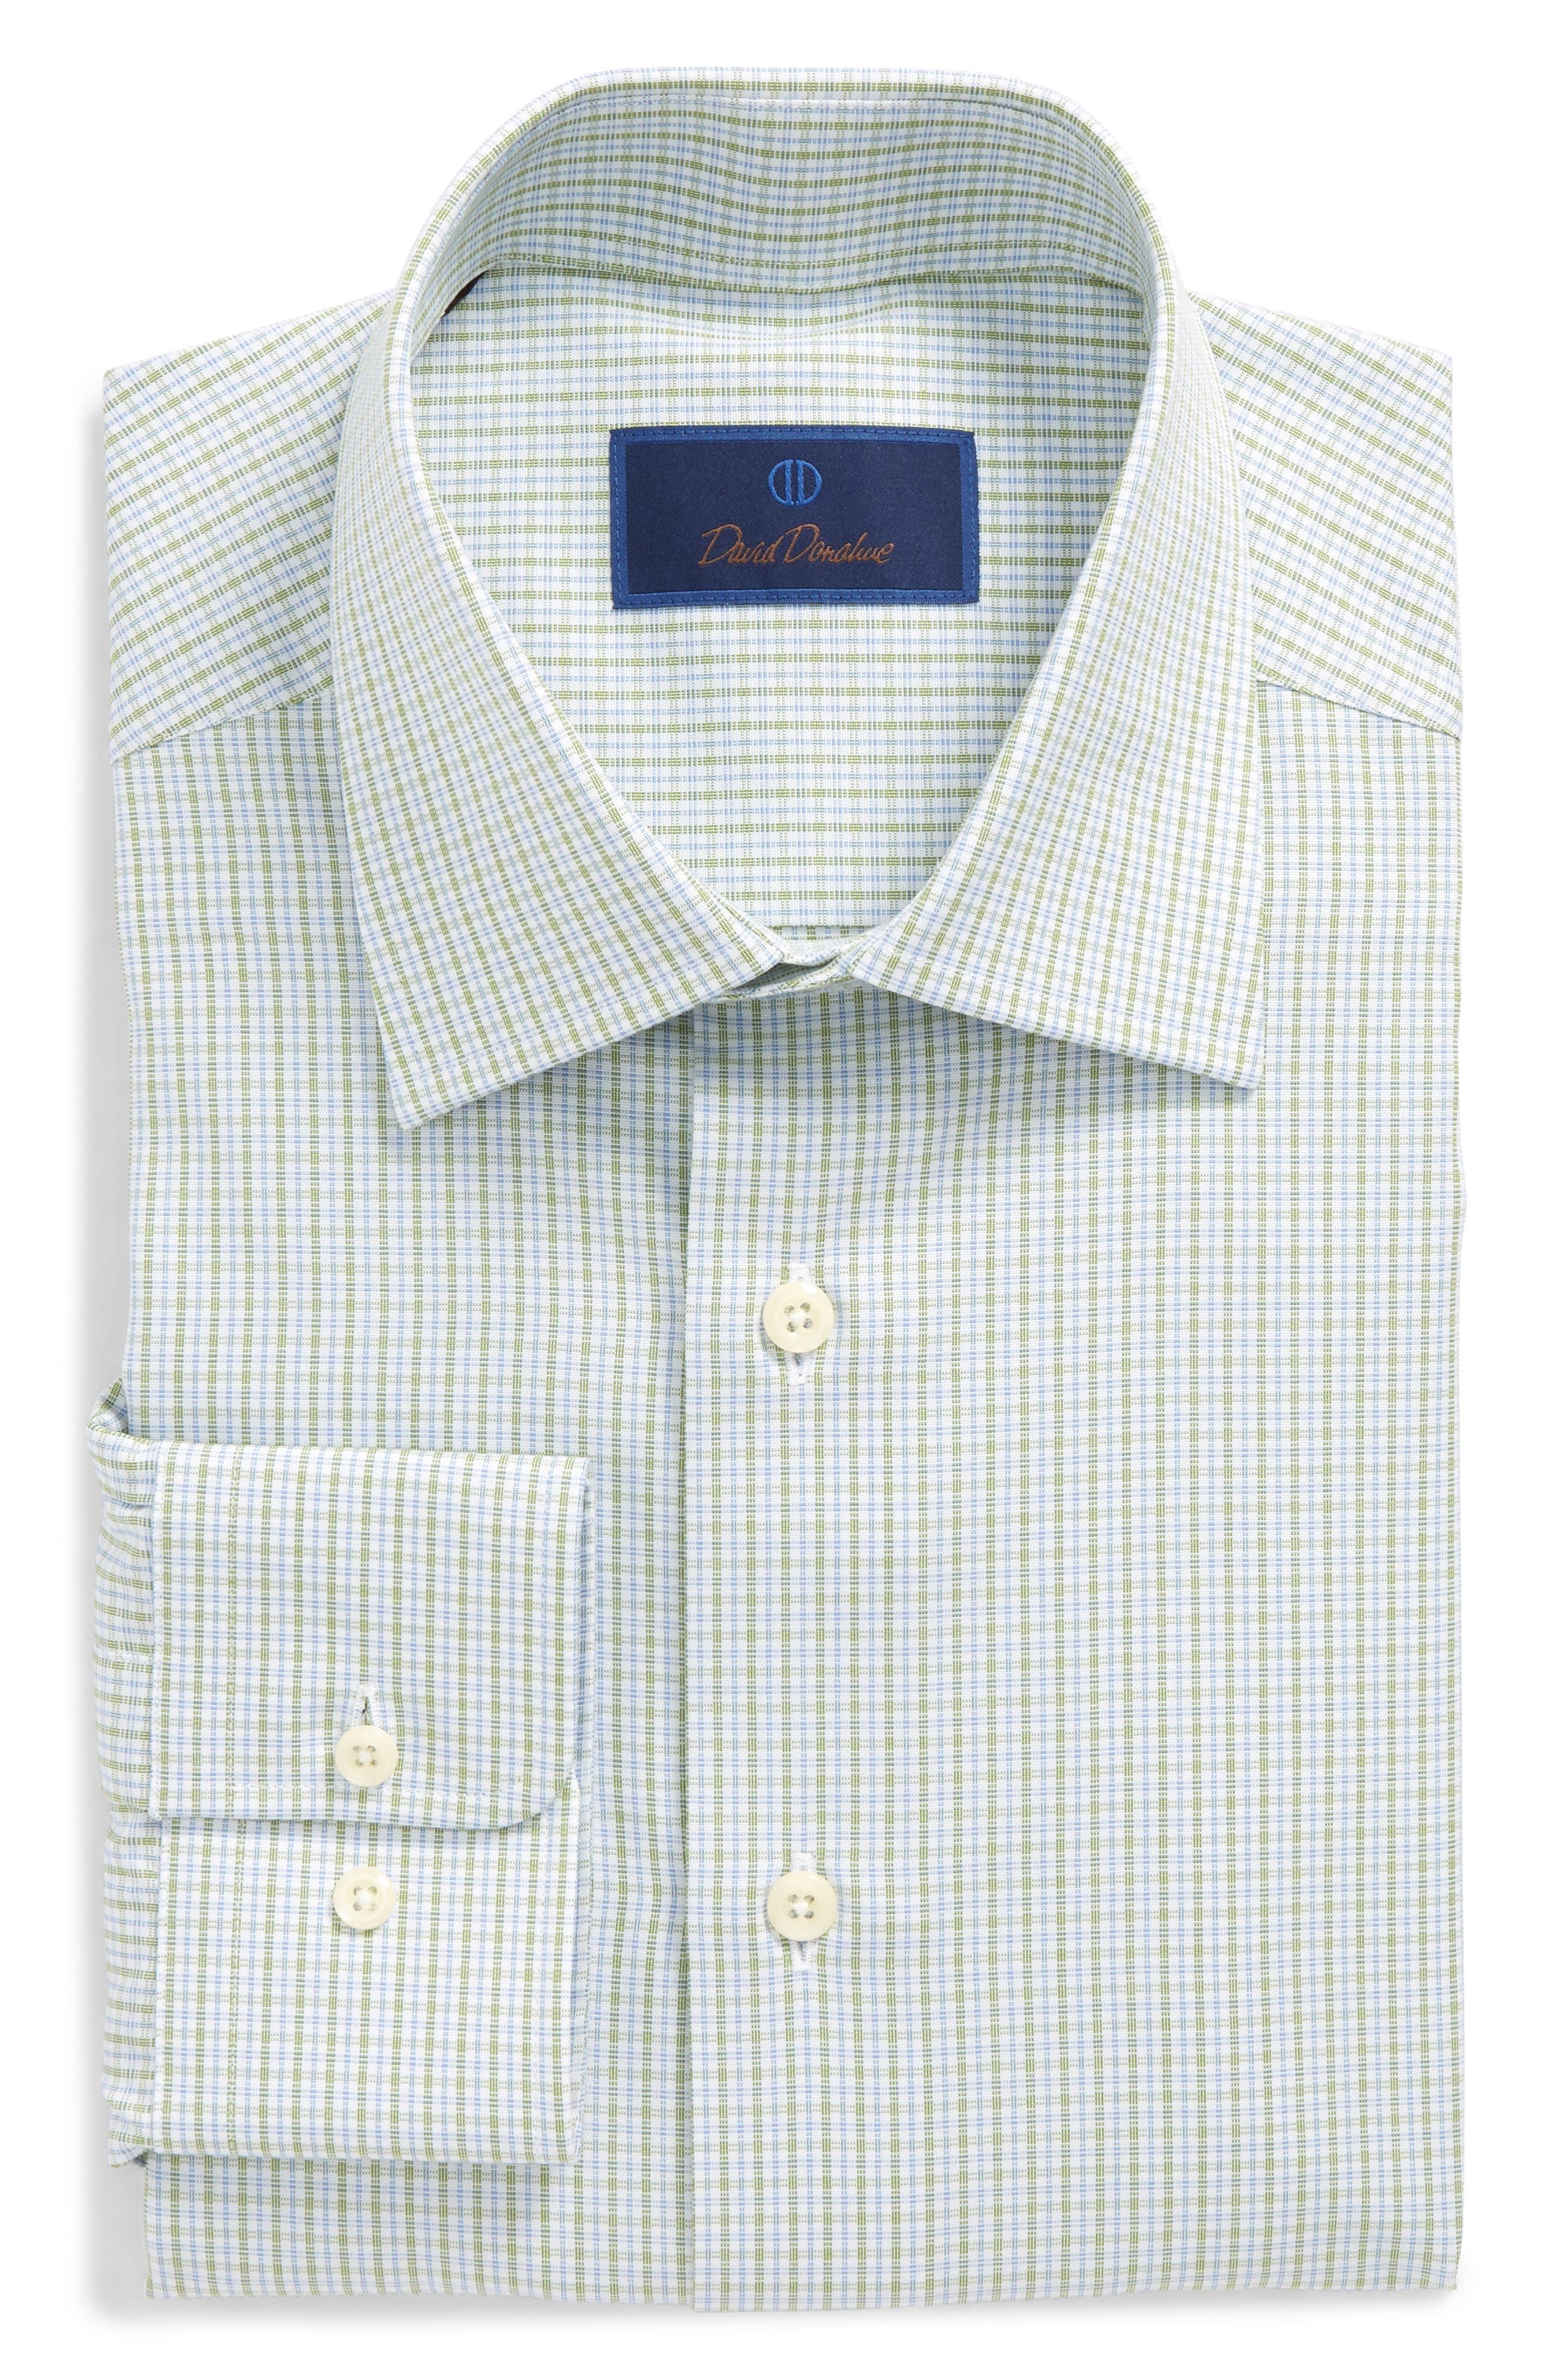 Regular Fit Check Dress Shirt,                             Main thumbnail 1, color,                             310